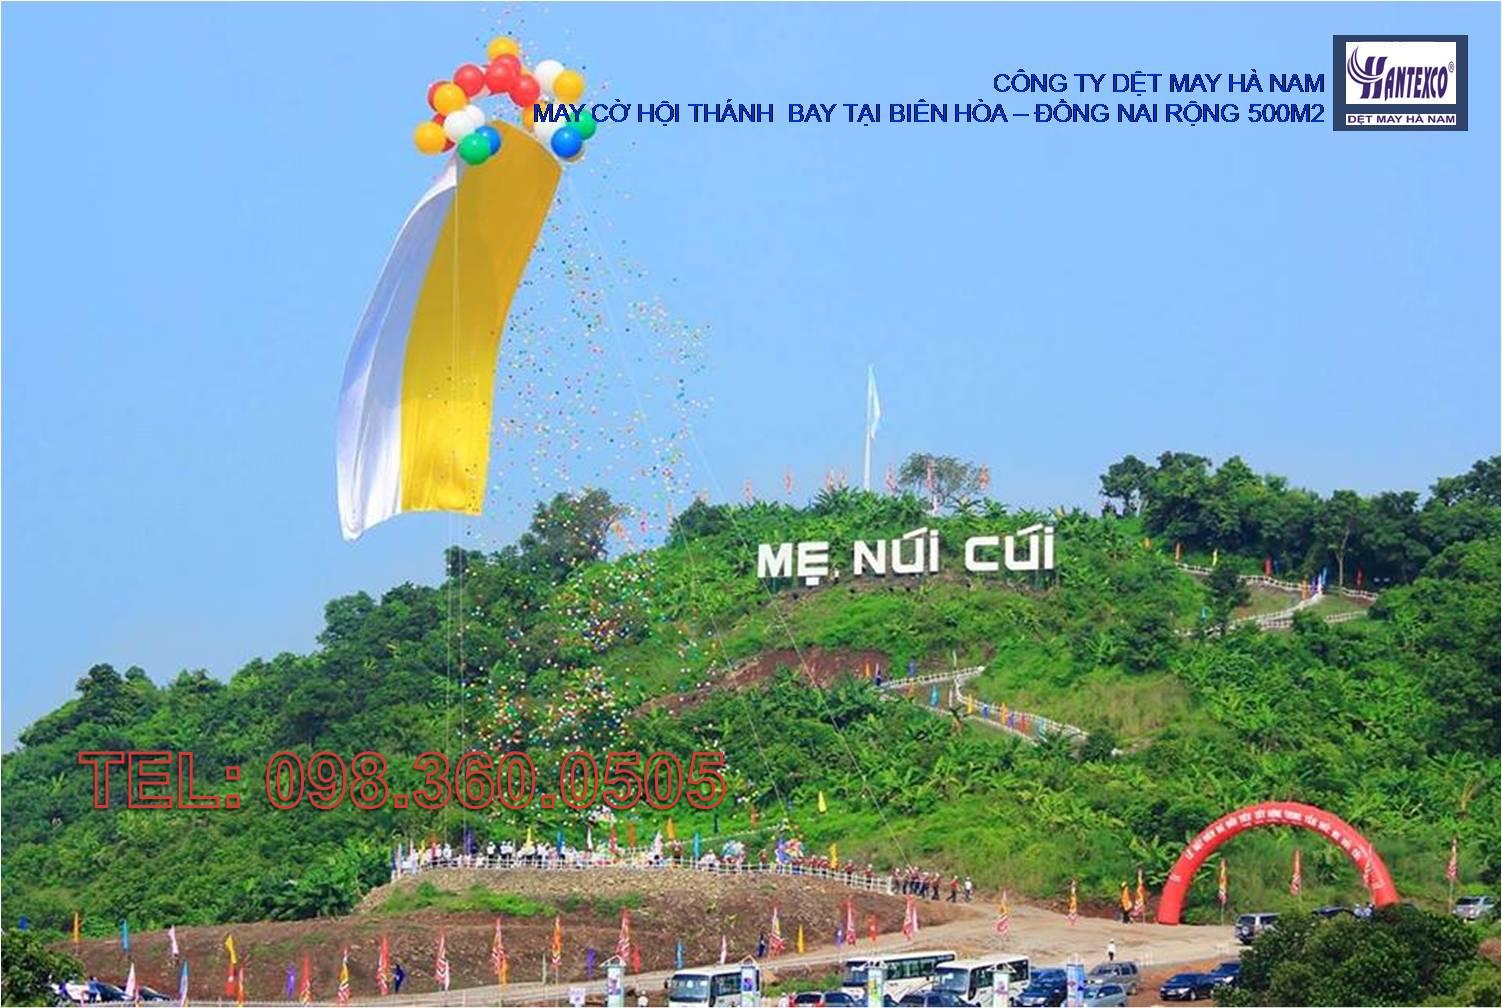 Cung cấp cờ Hội thánh bay tại Đồng Nai - Rộng 500m2